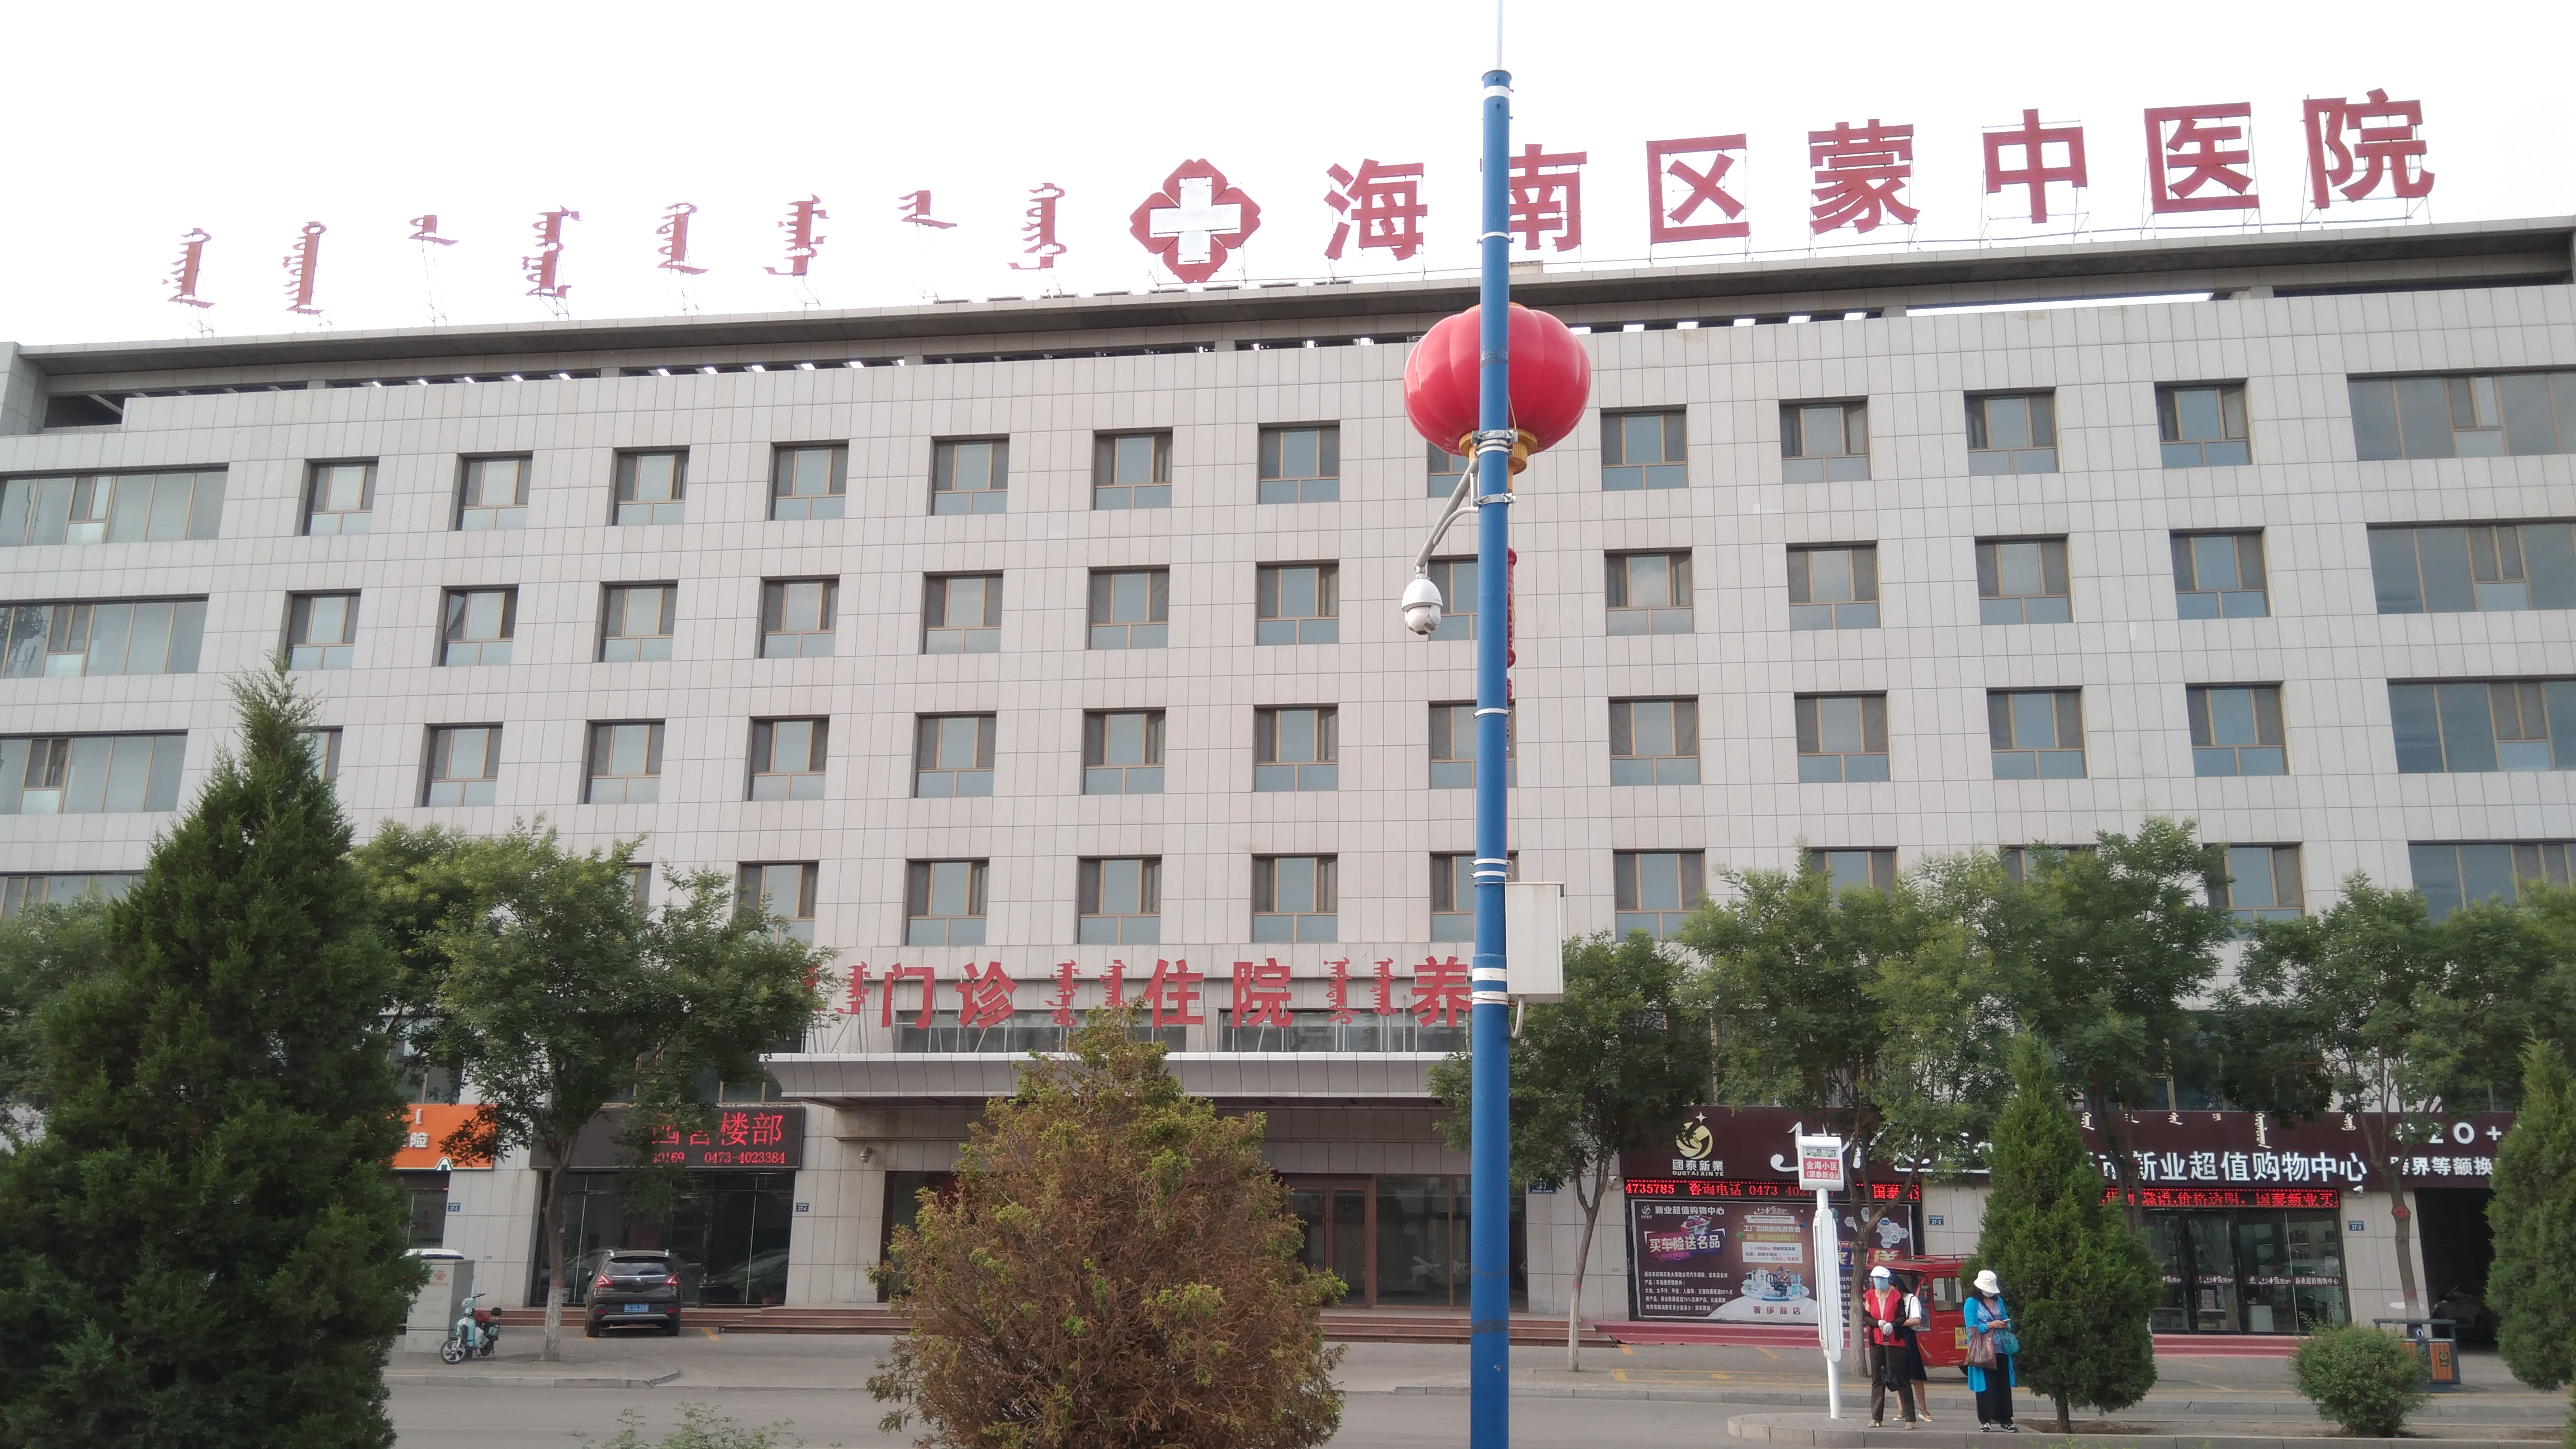 内蒙古乌海市海南区蒙中医院